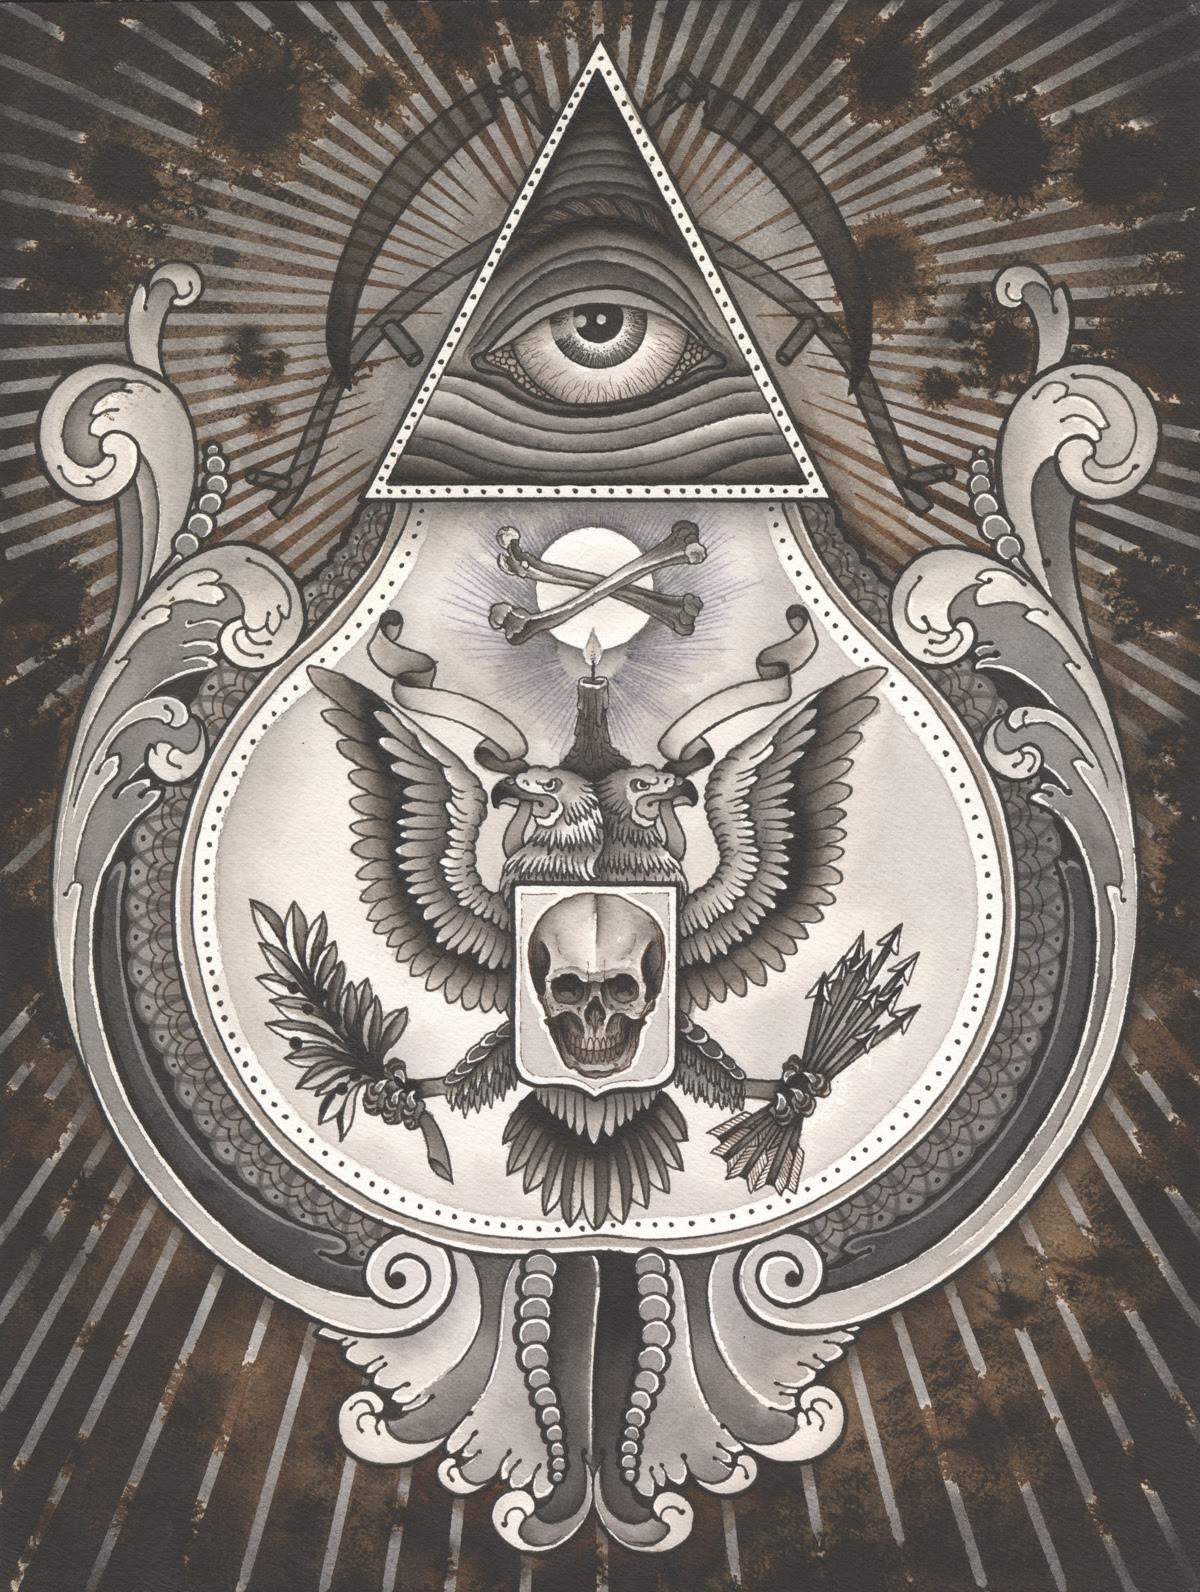 Risultati immagini per ordo templi orientis illuminati